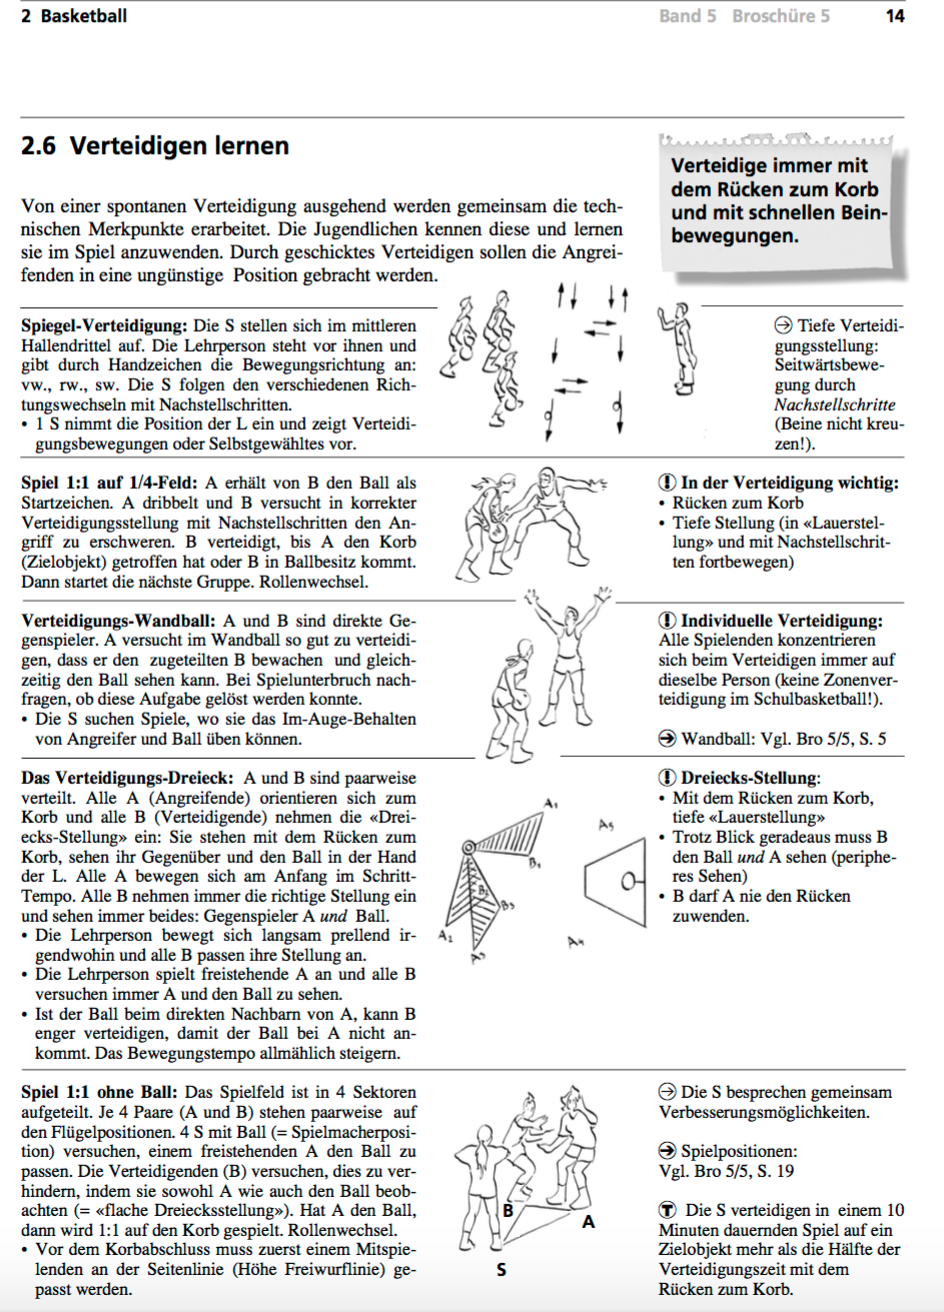 Preview image for LOM object Basketball - Verteidigen lernen